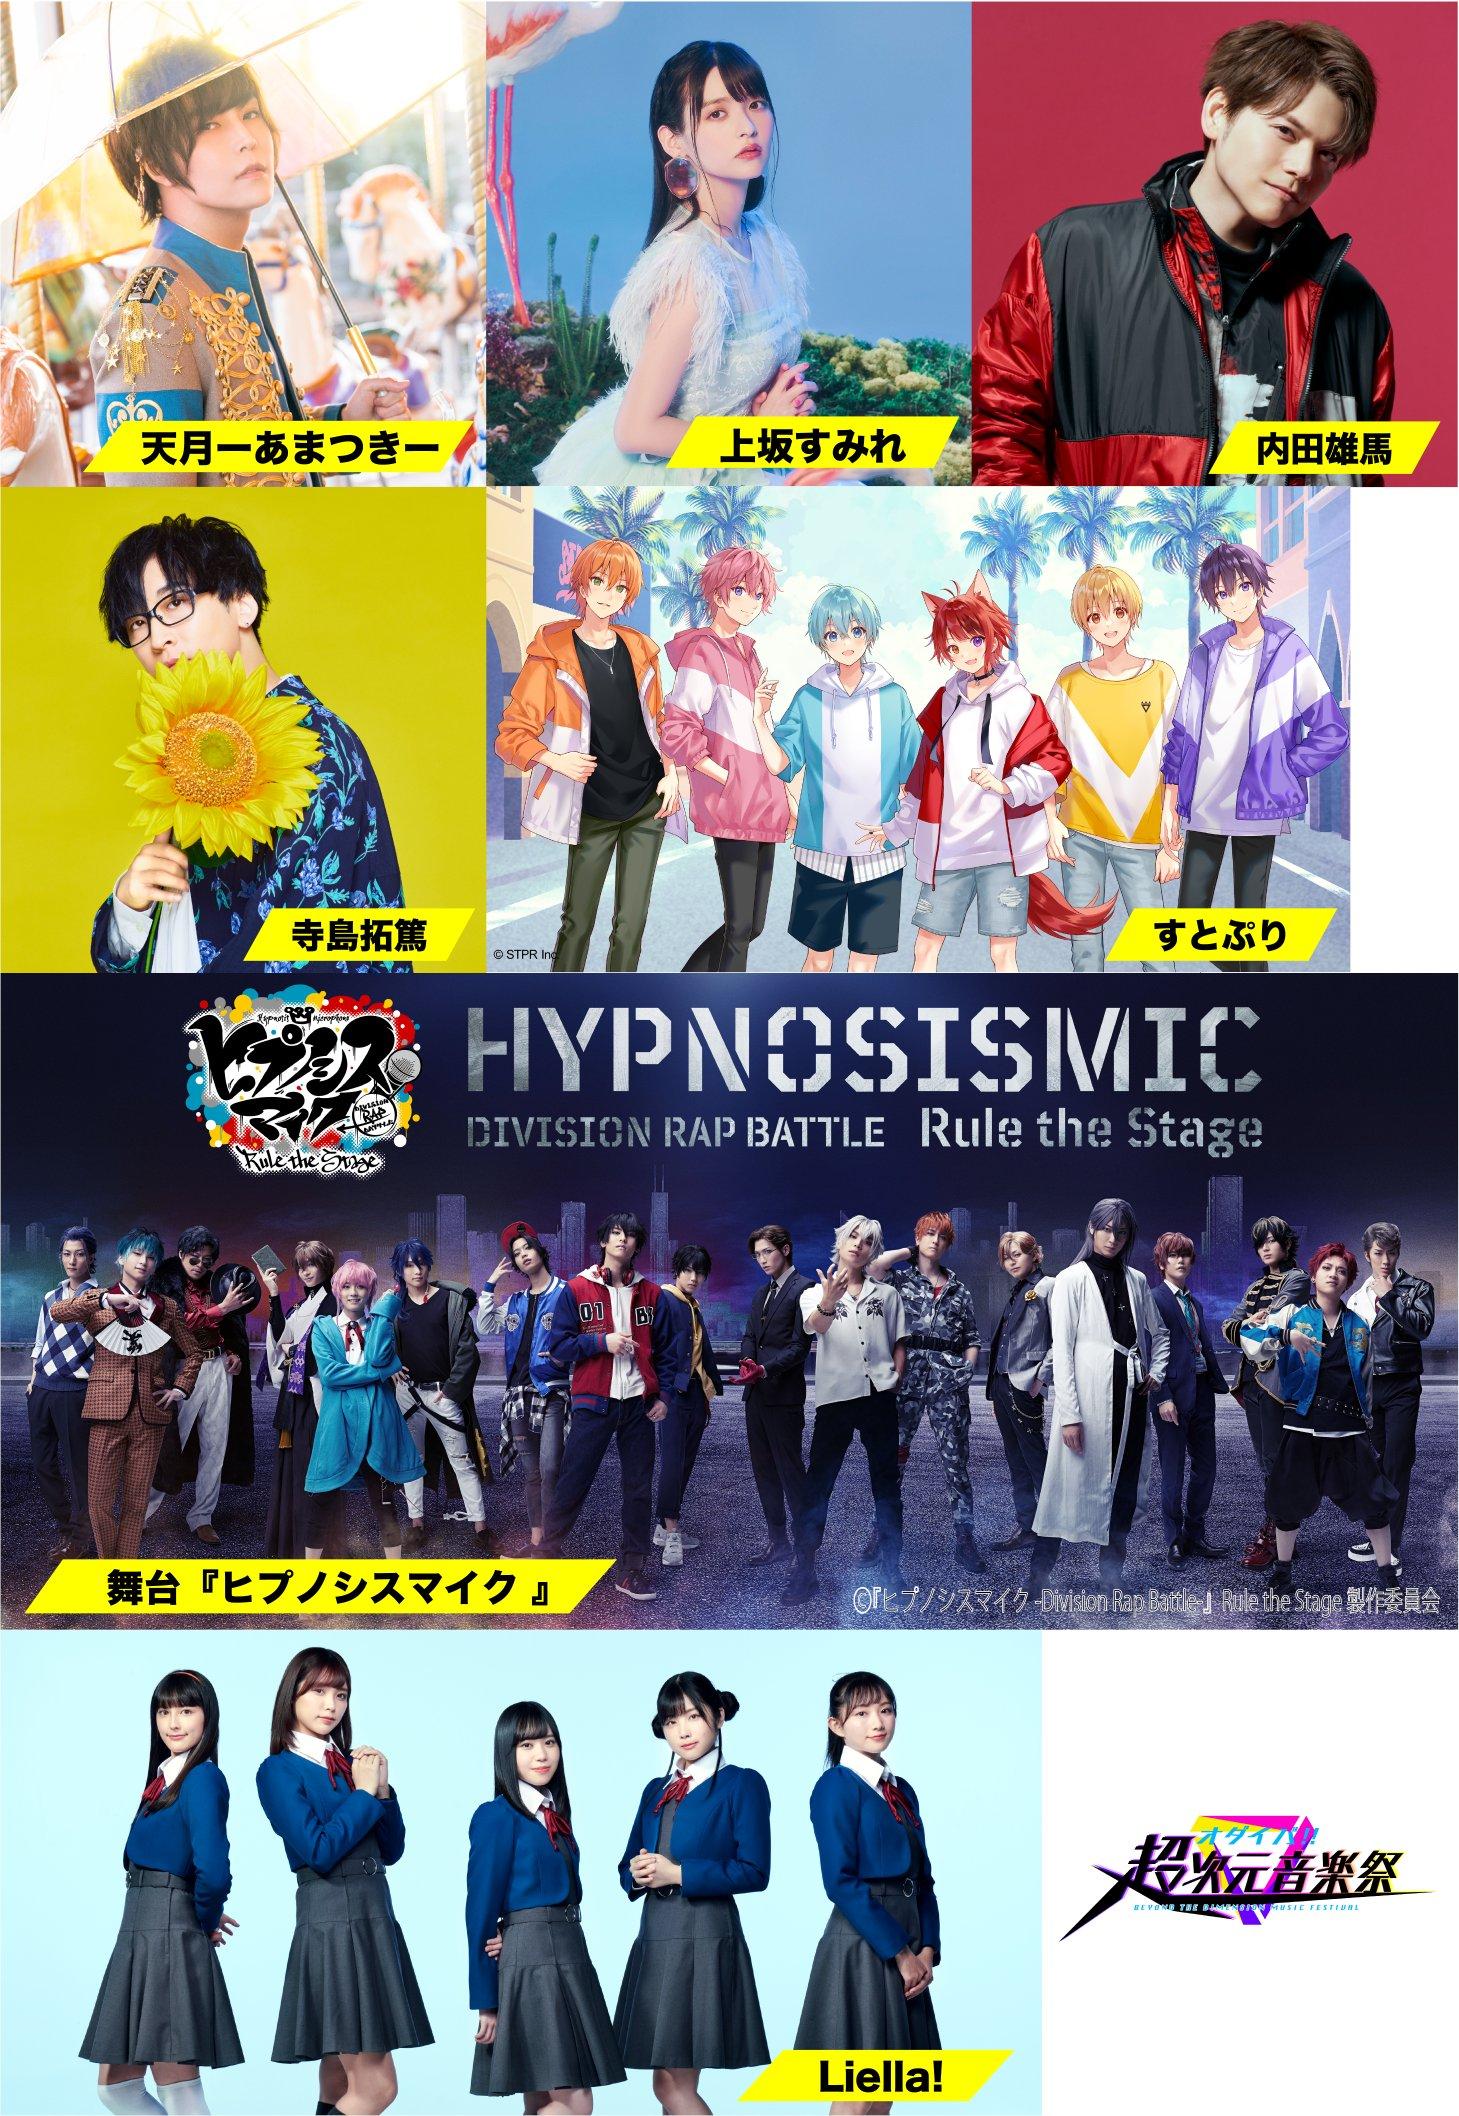 「ヒプステ」全ディビジョンが地上波でラップバトル「超次元音楽祭」声優・歌い手・俳優が集結!